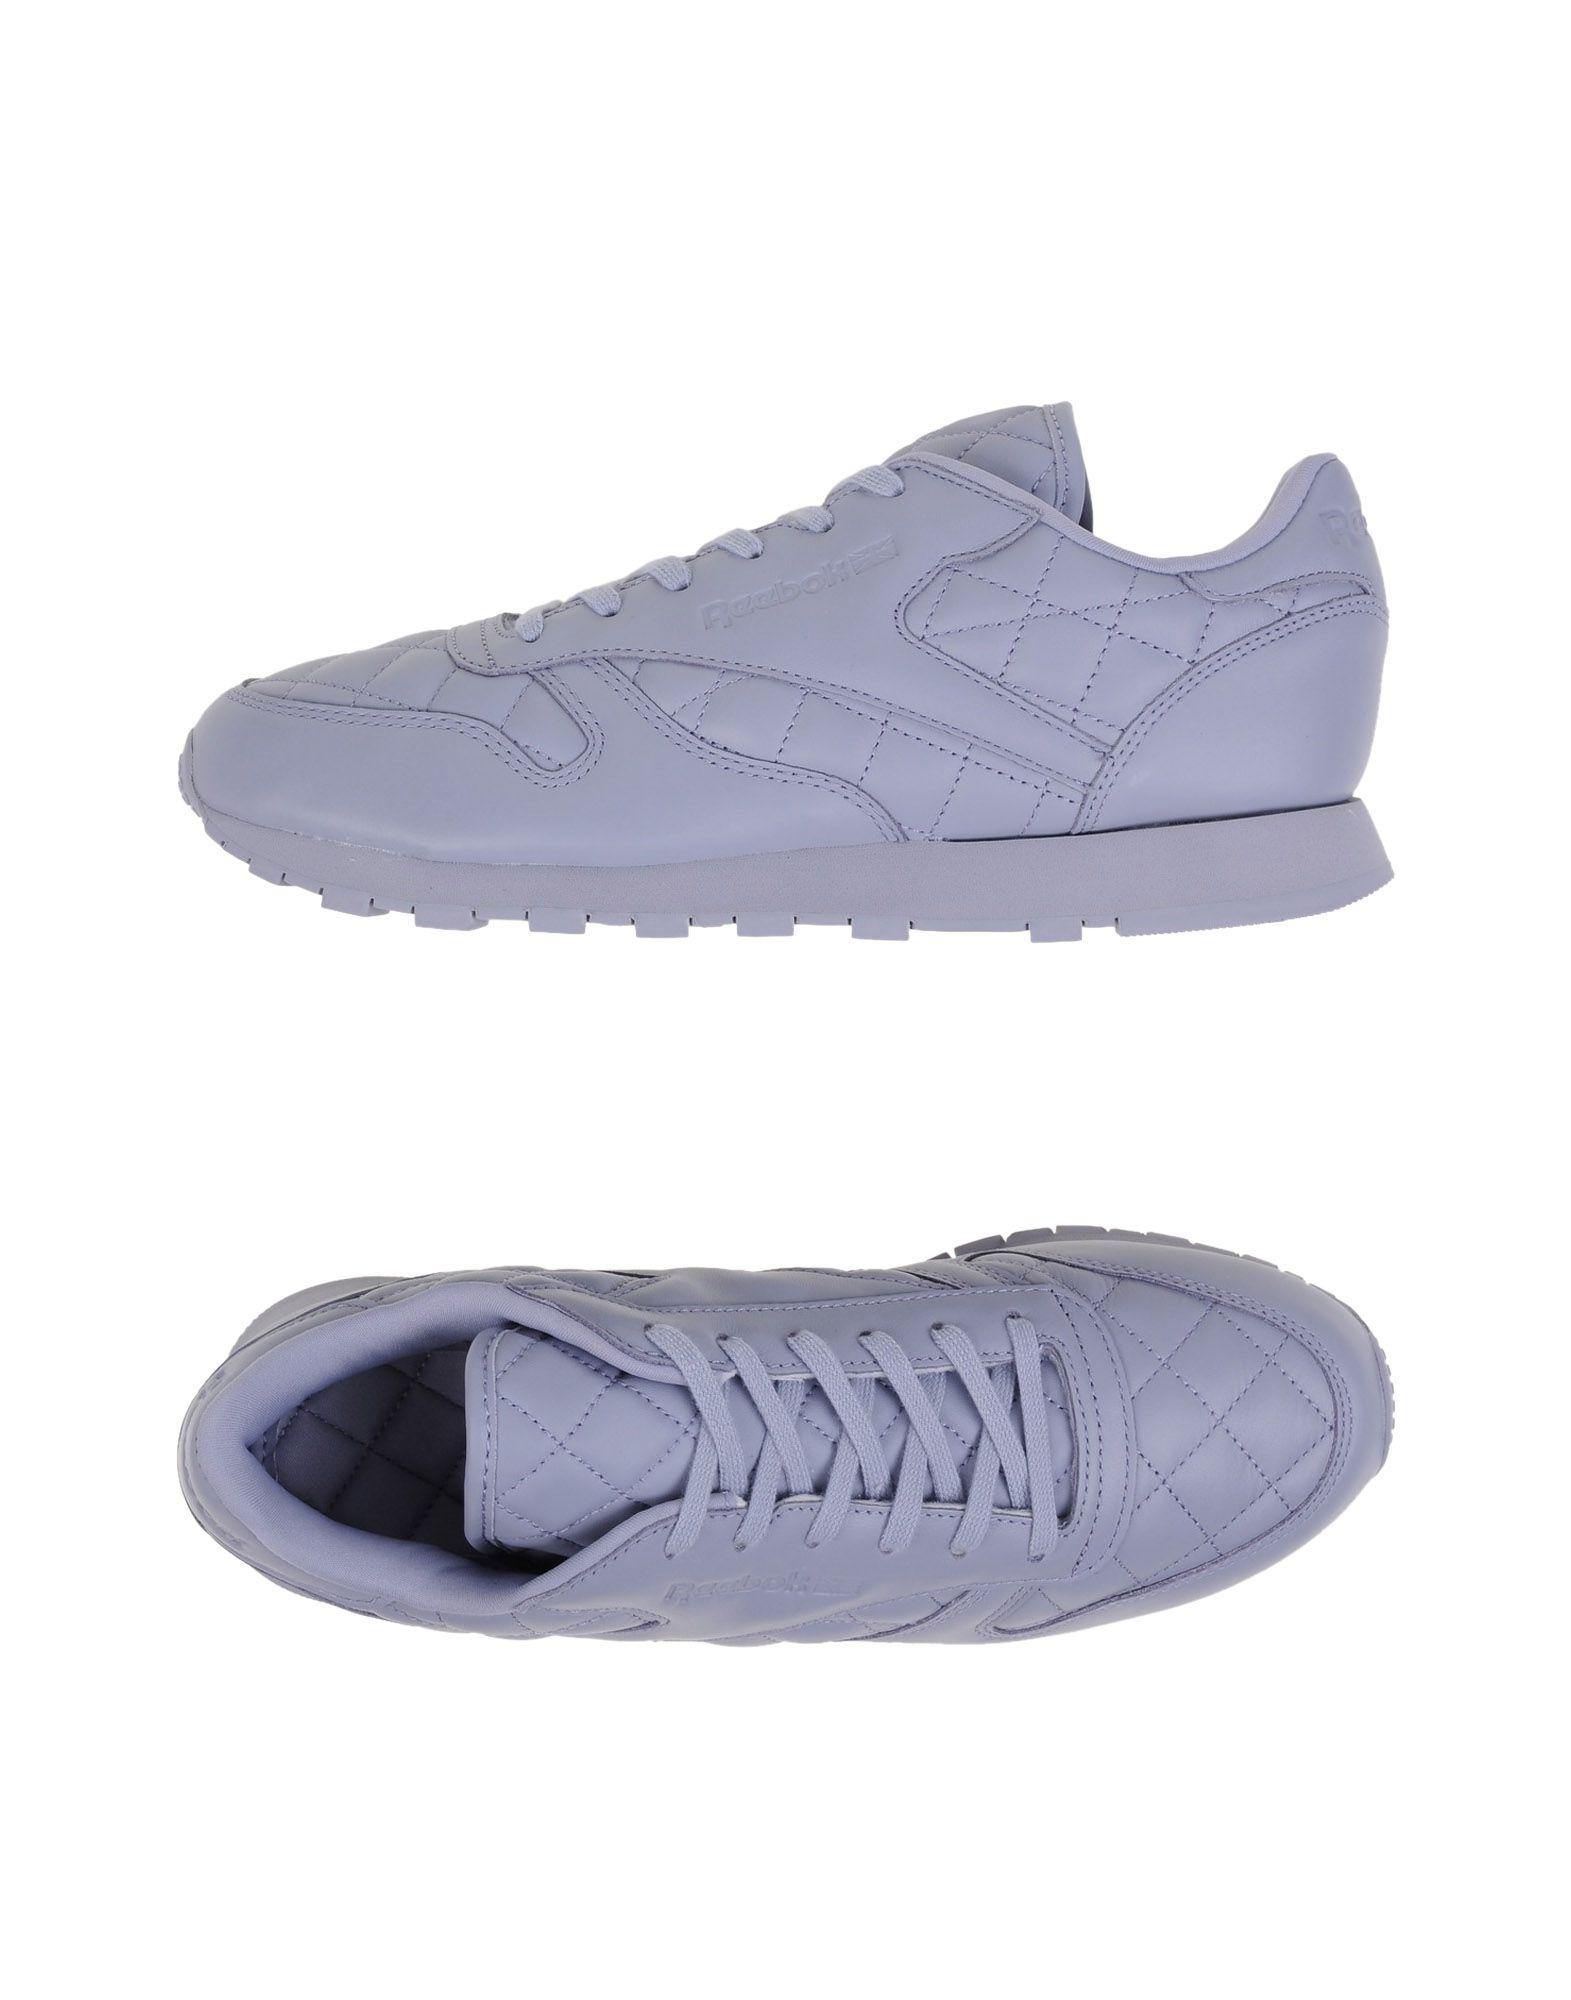 REEBOK Damen Low Sneakers & Tennisschuhe Farbe Lila Größe 5